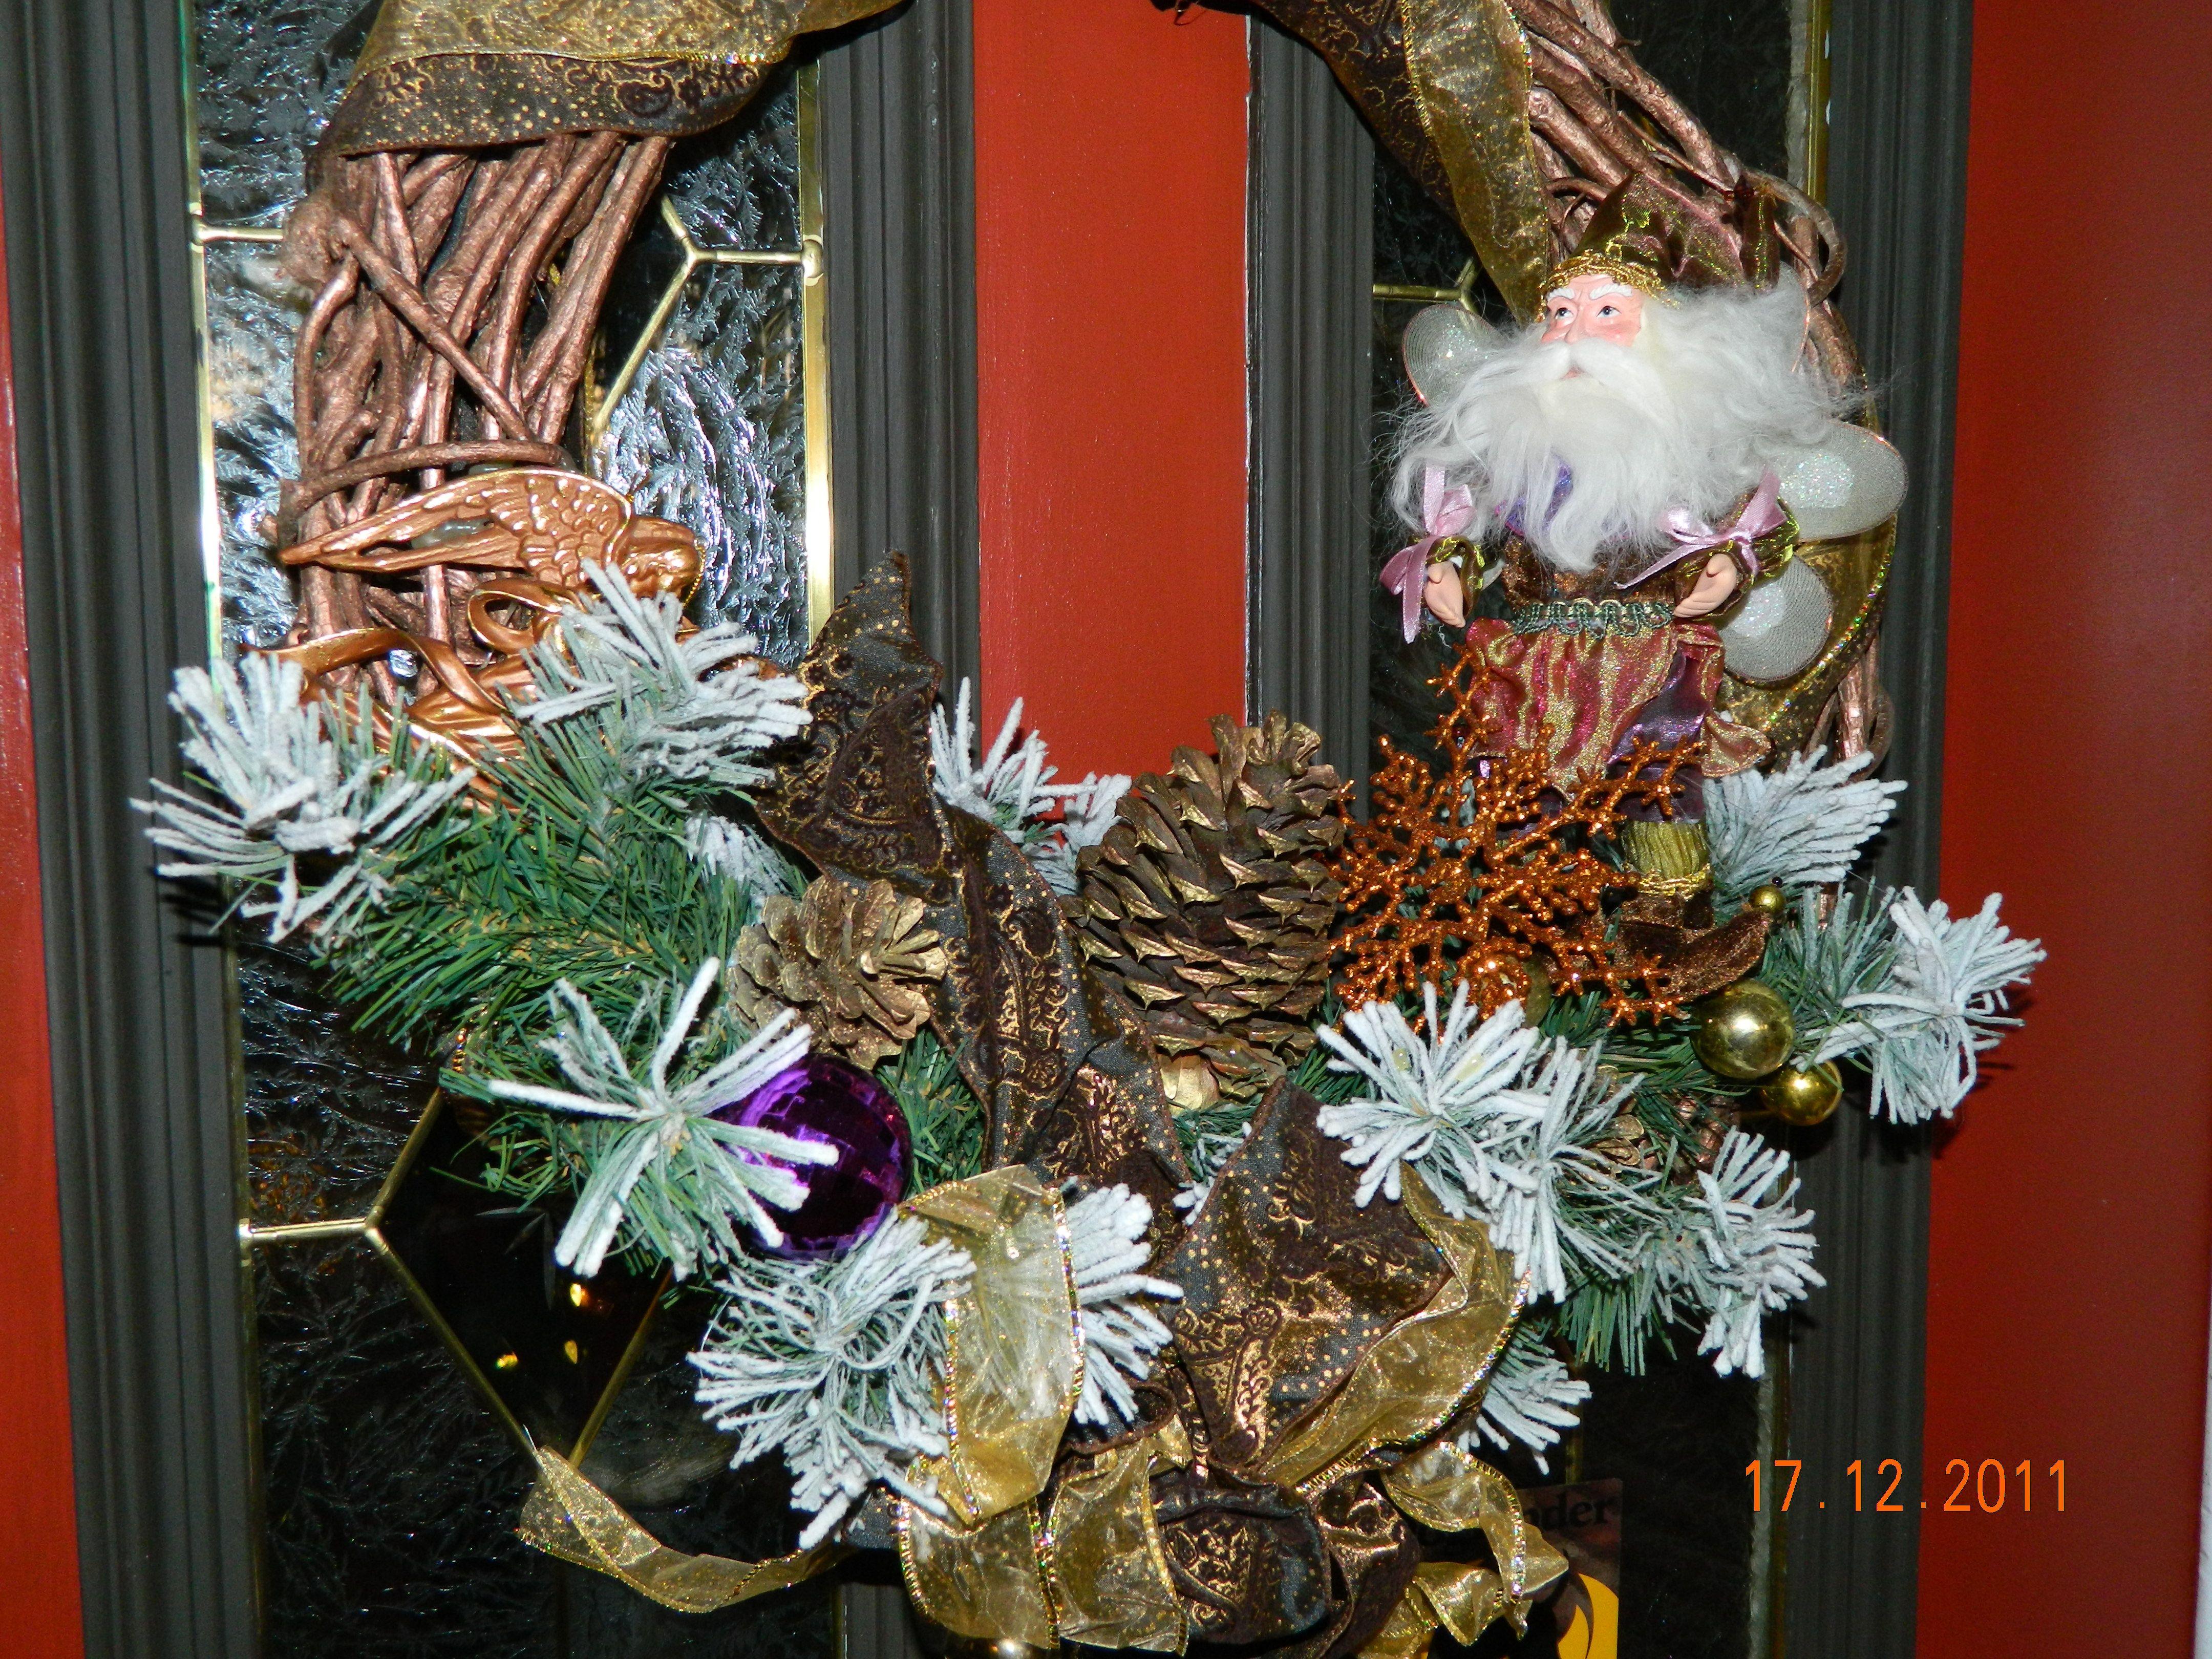 Christmas wreath christmas decor ideas pinterest for Pinterest christmas decorations